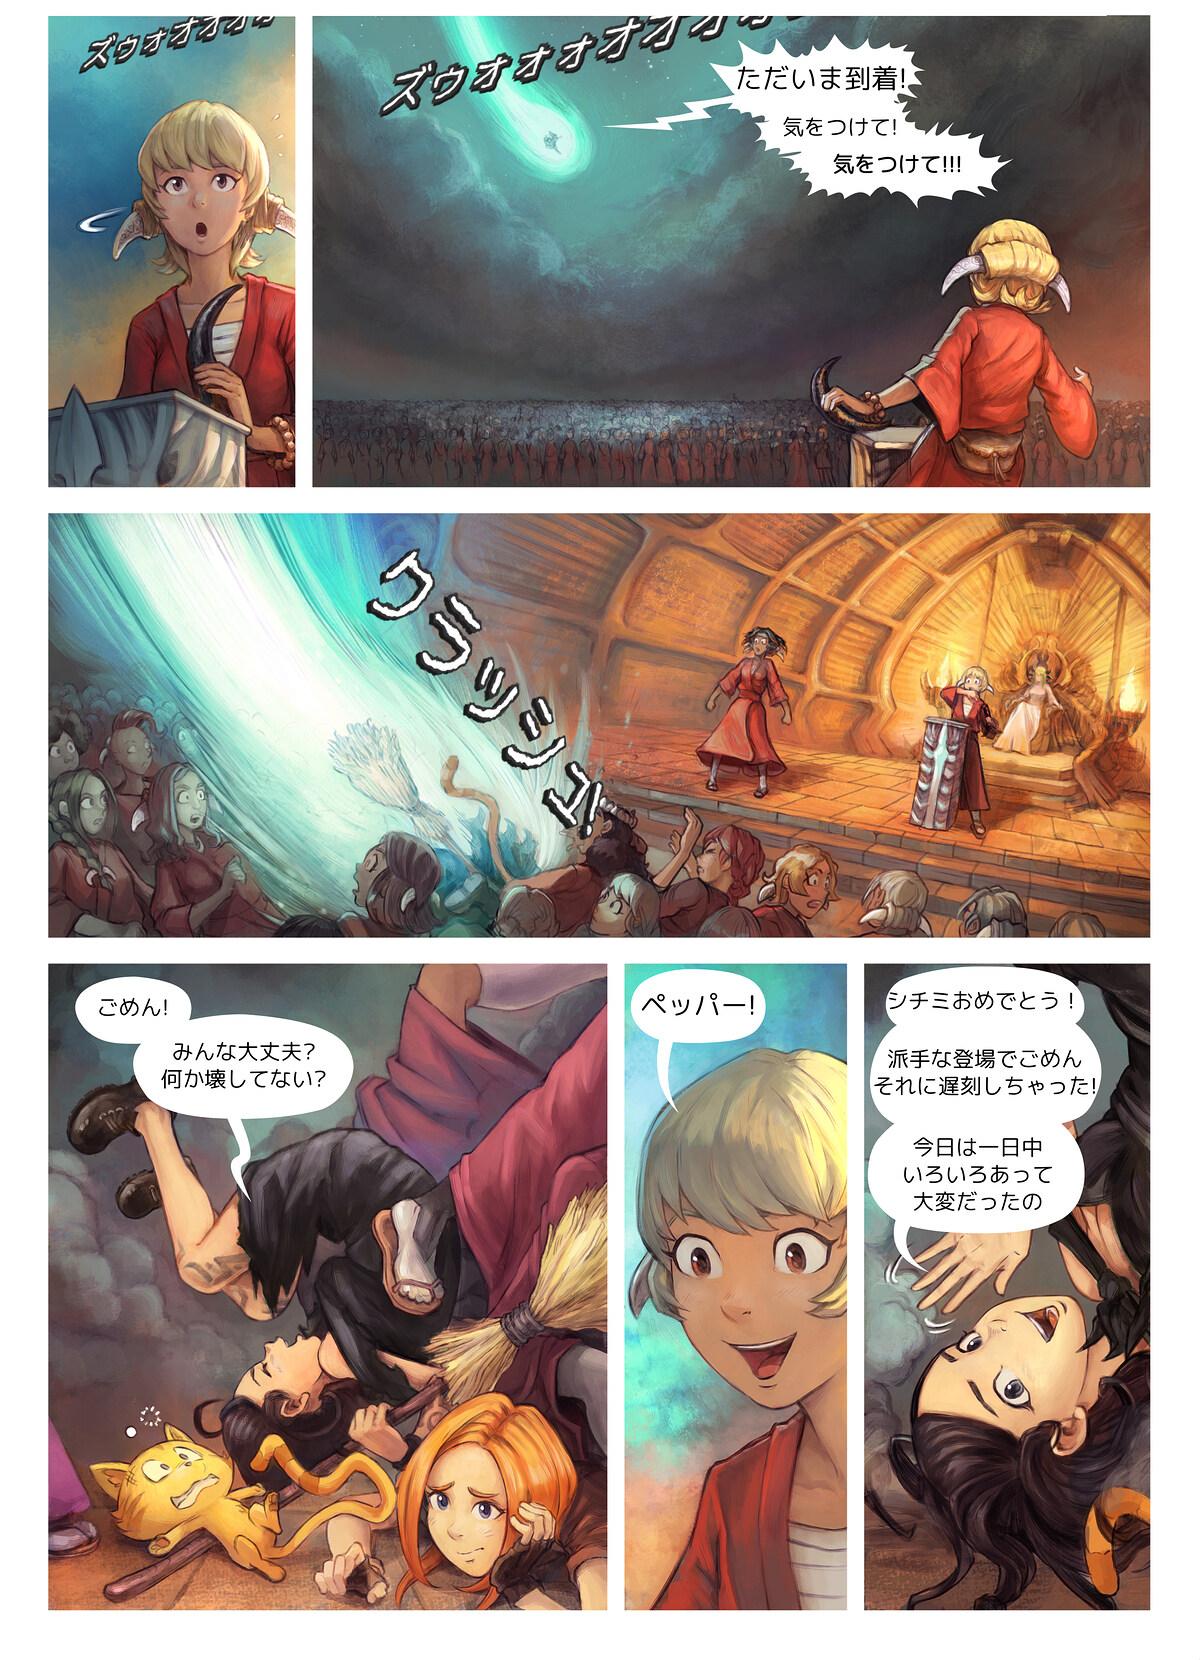 エピソード 34: シチミの叙勲, ページ 2